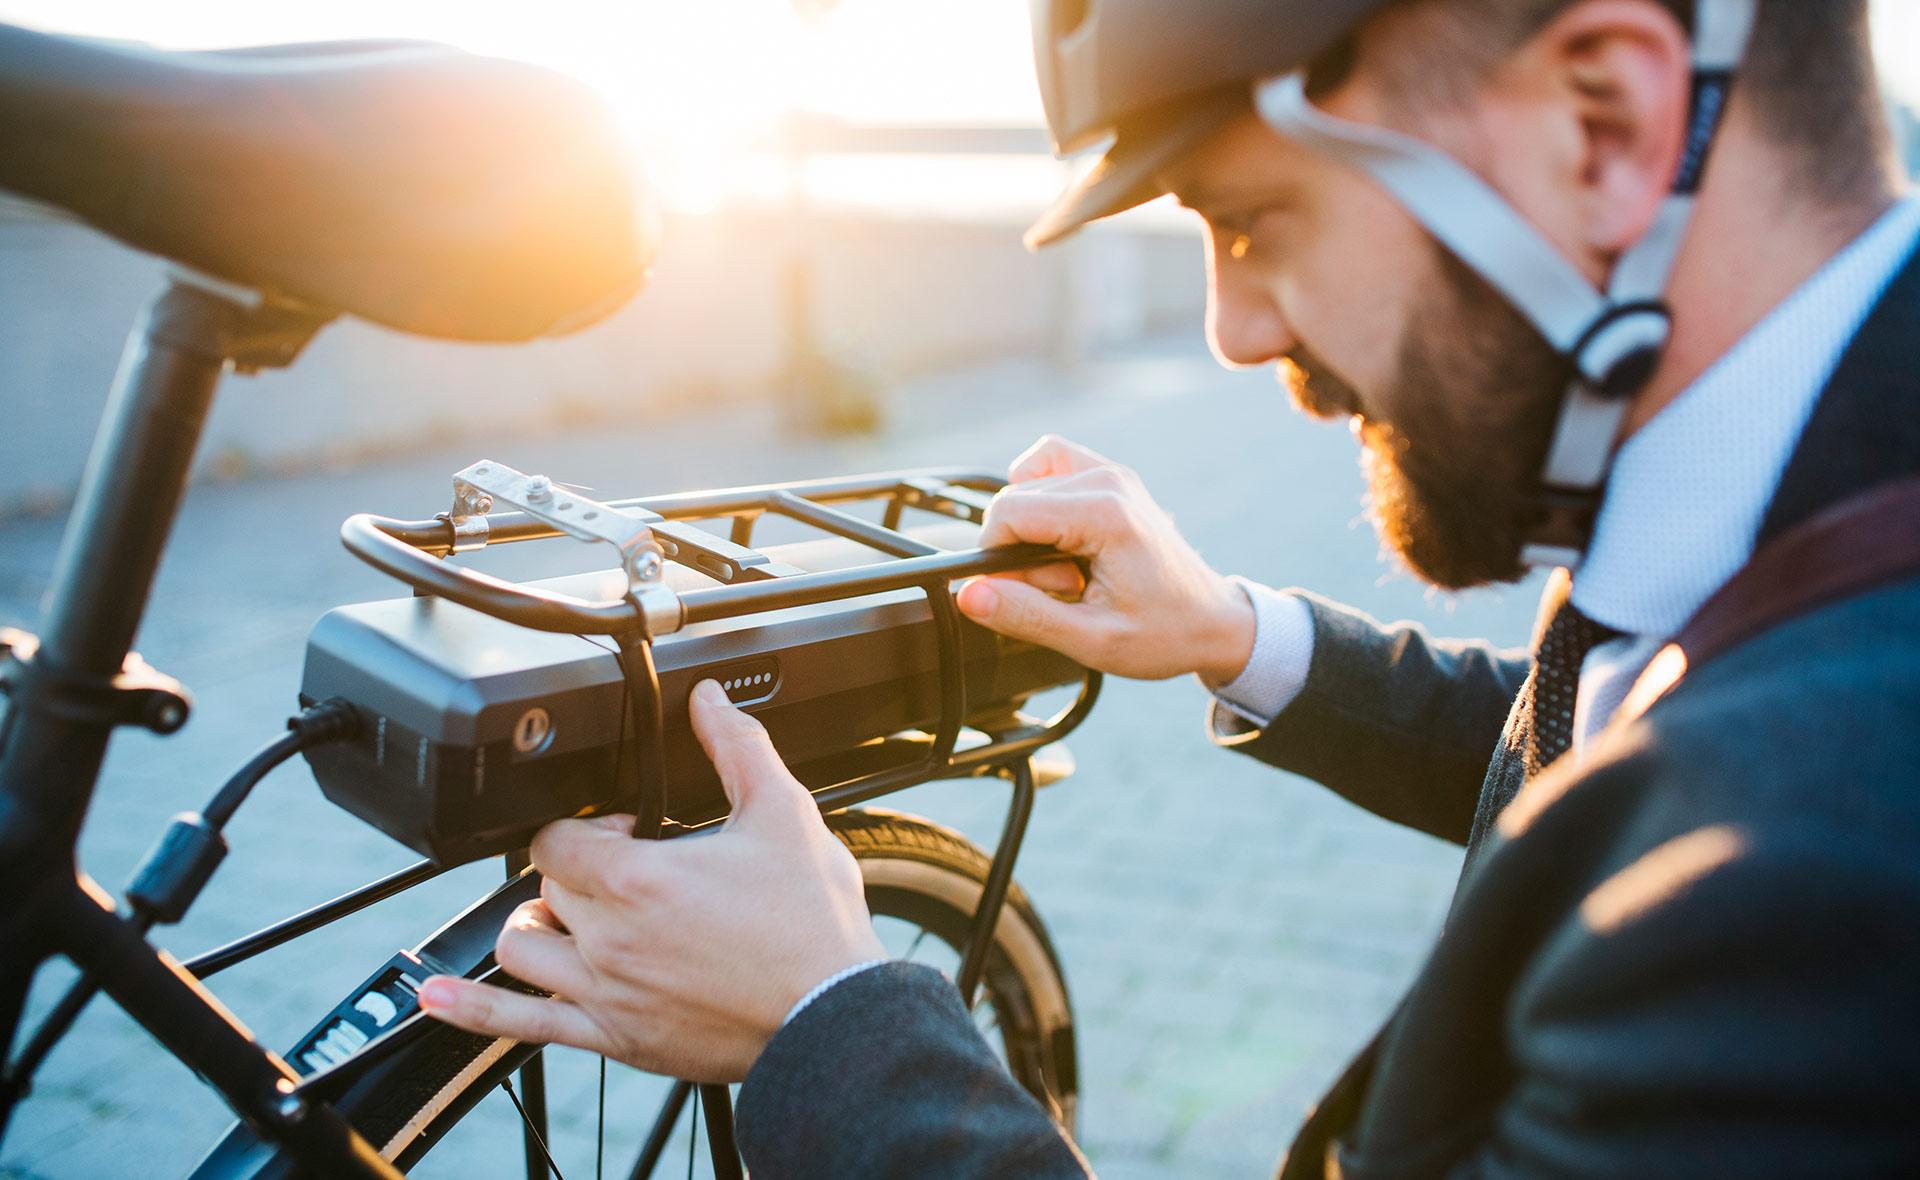 bicicleta_electrica-sostenibilidad-movilidad-ciudad-transporte-velocipedo-ruedas